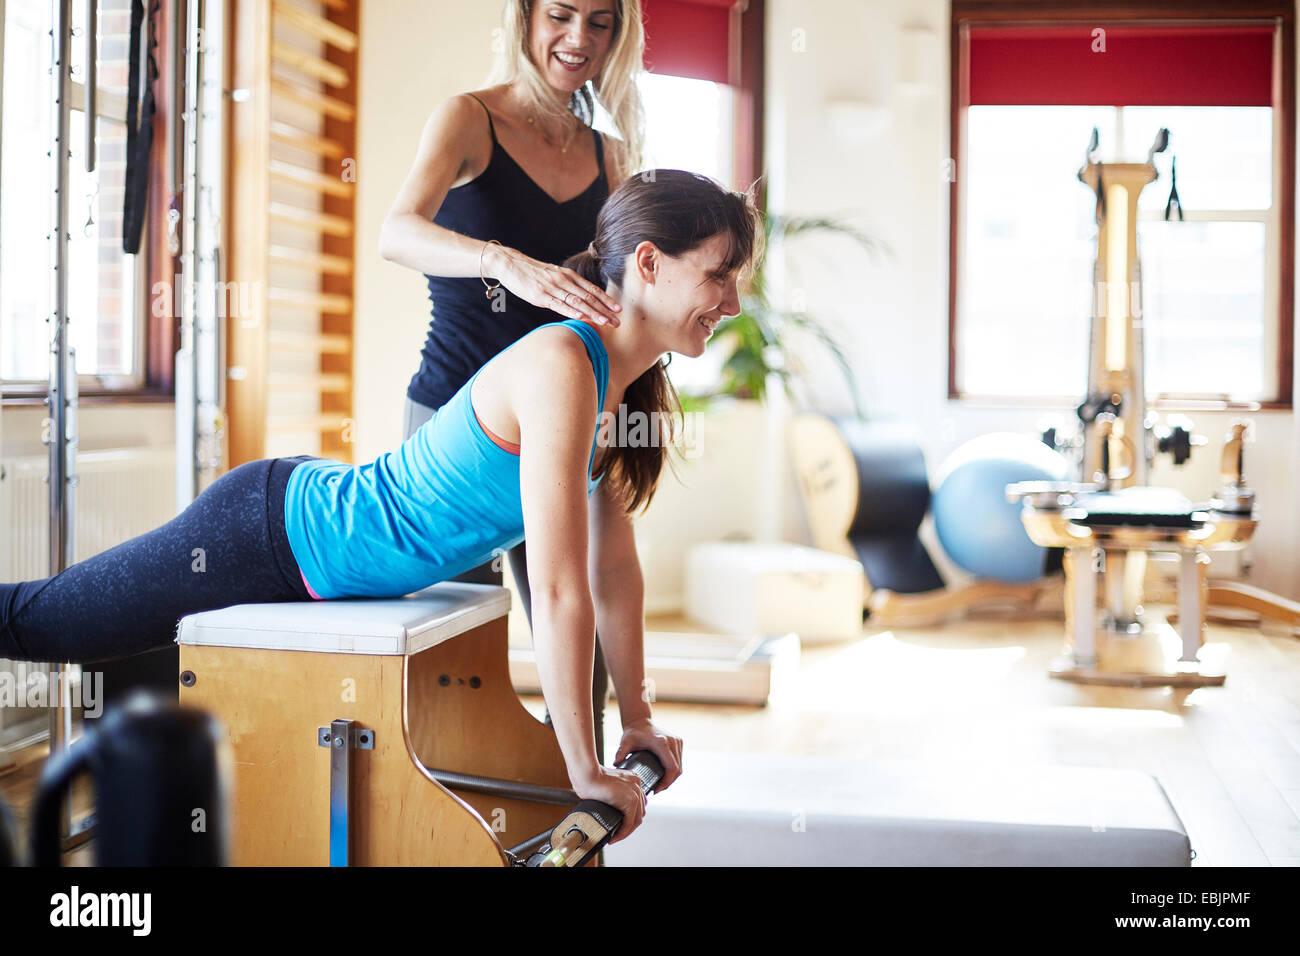 Giovane studentessa spingendo verso l'alto dal combo chair in palestra pilates Foto Stock